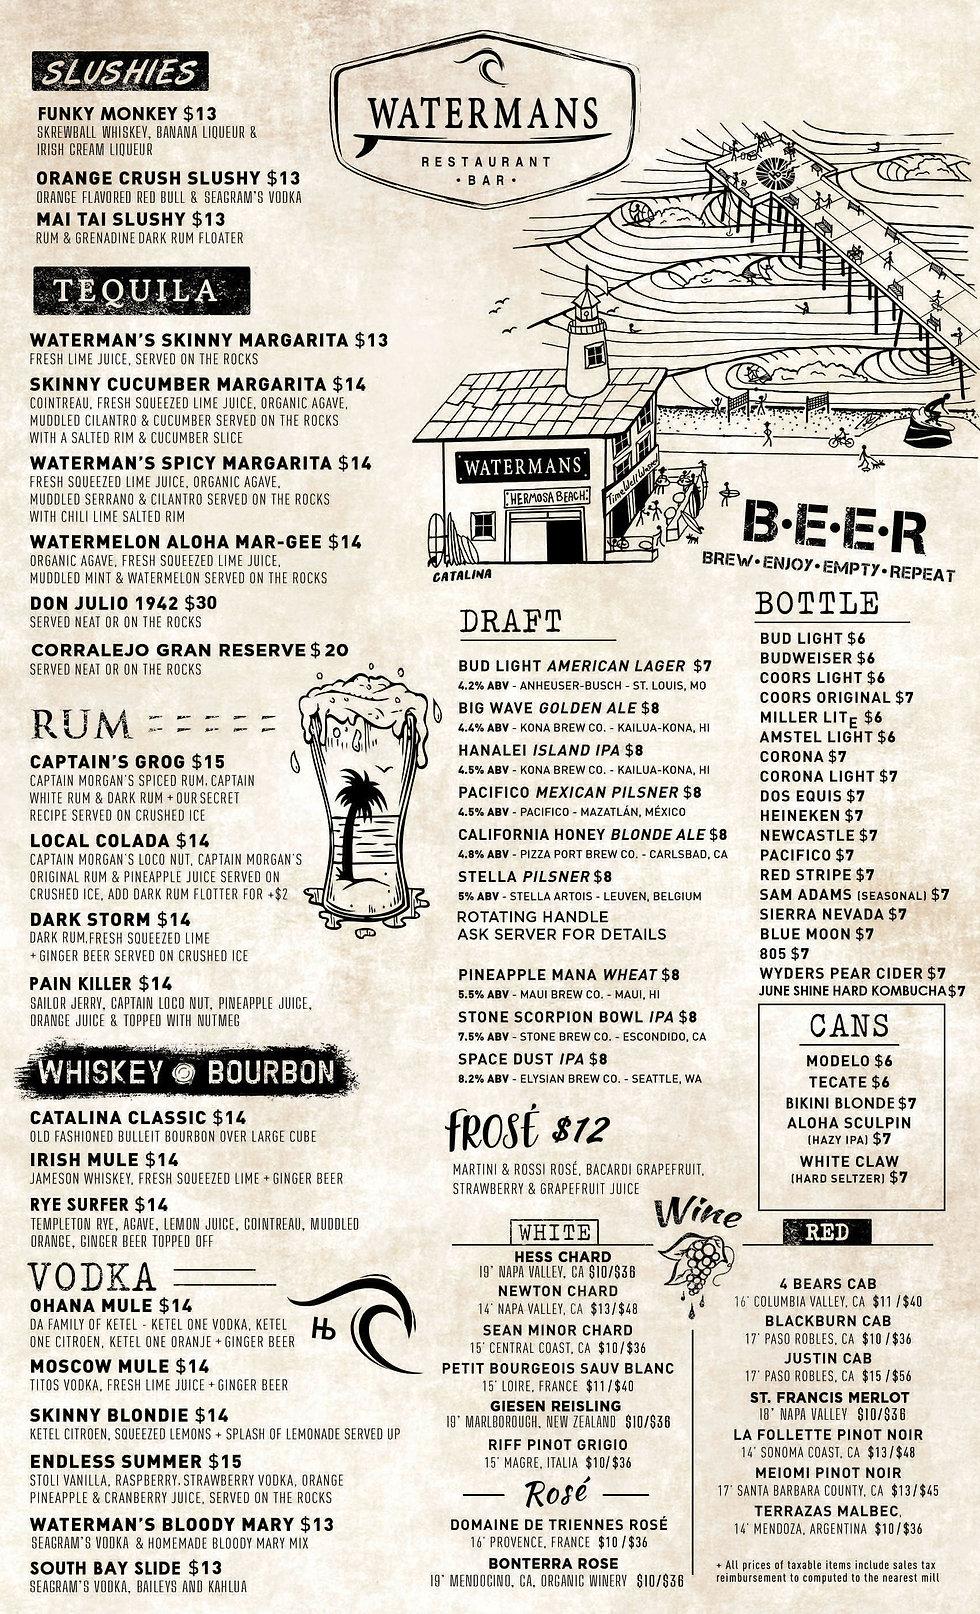 WM-Drink_menu_200927.jpg